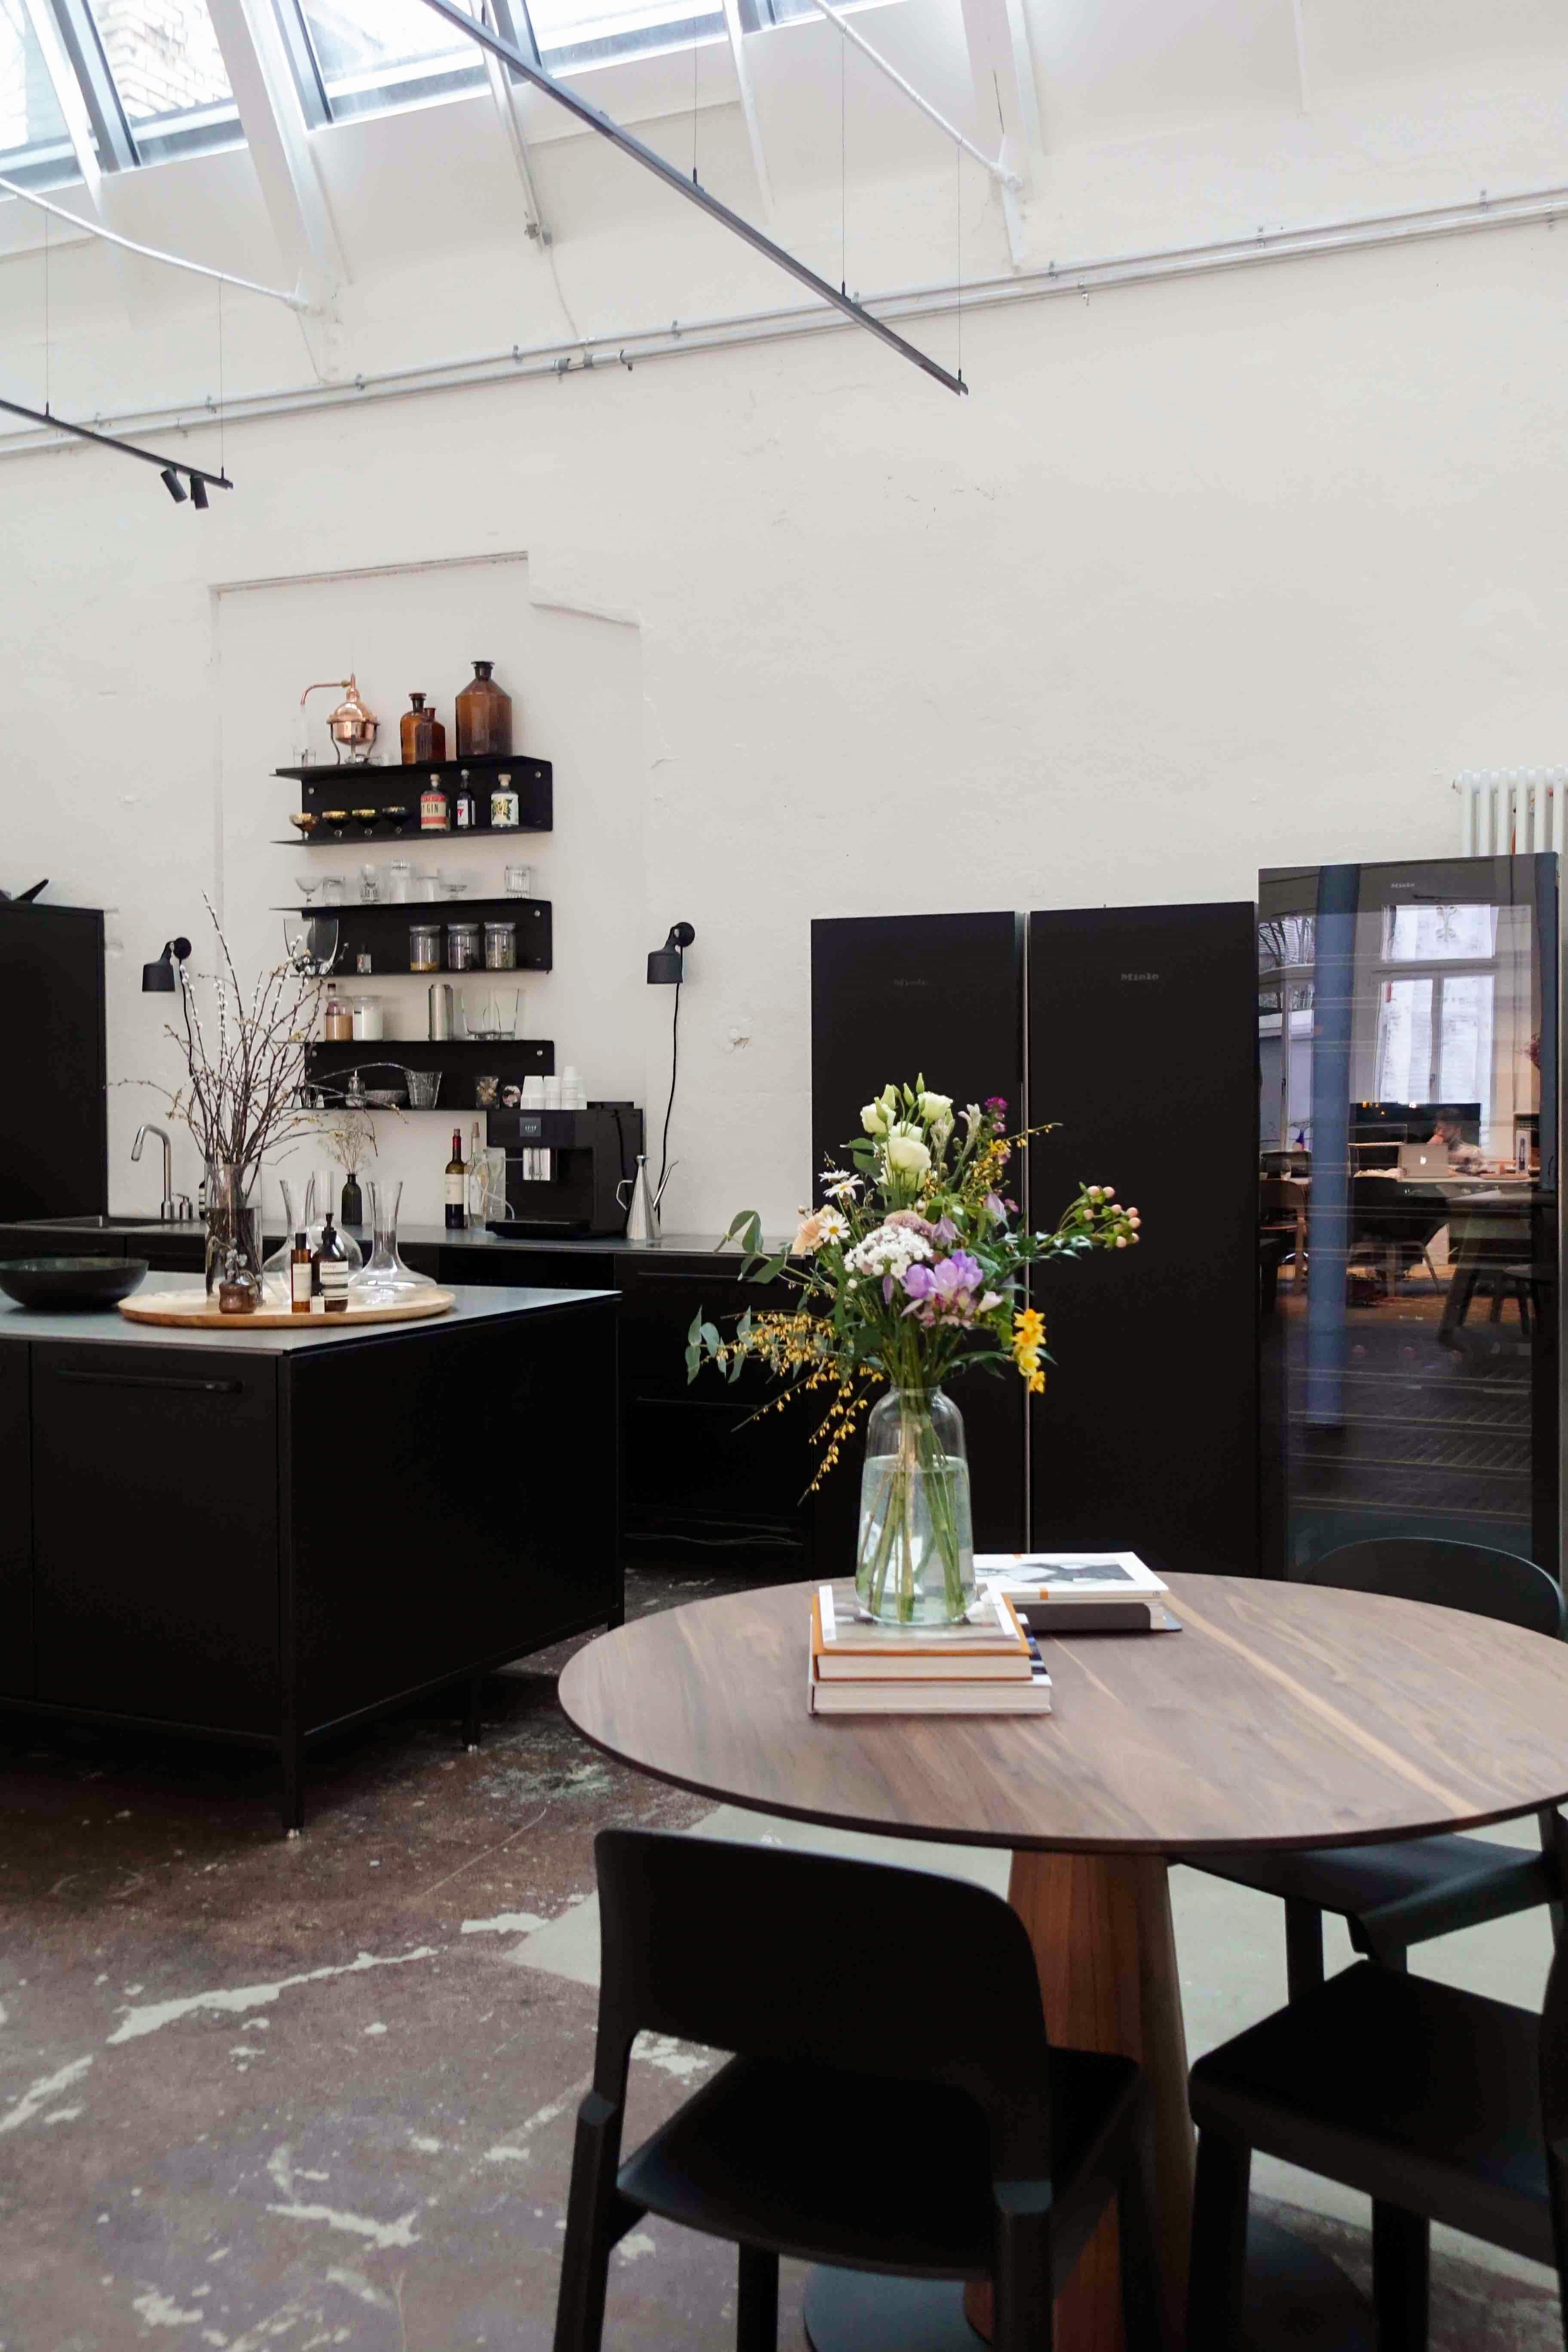 Miele freistehende Kühlschränke und Weinkühler in Coworking Office in Zürich